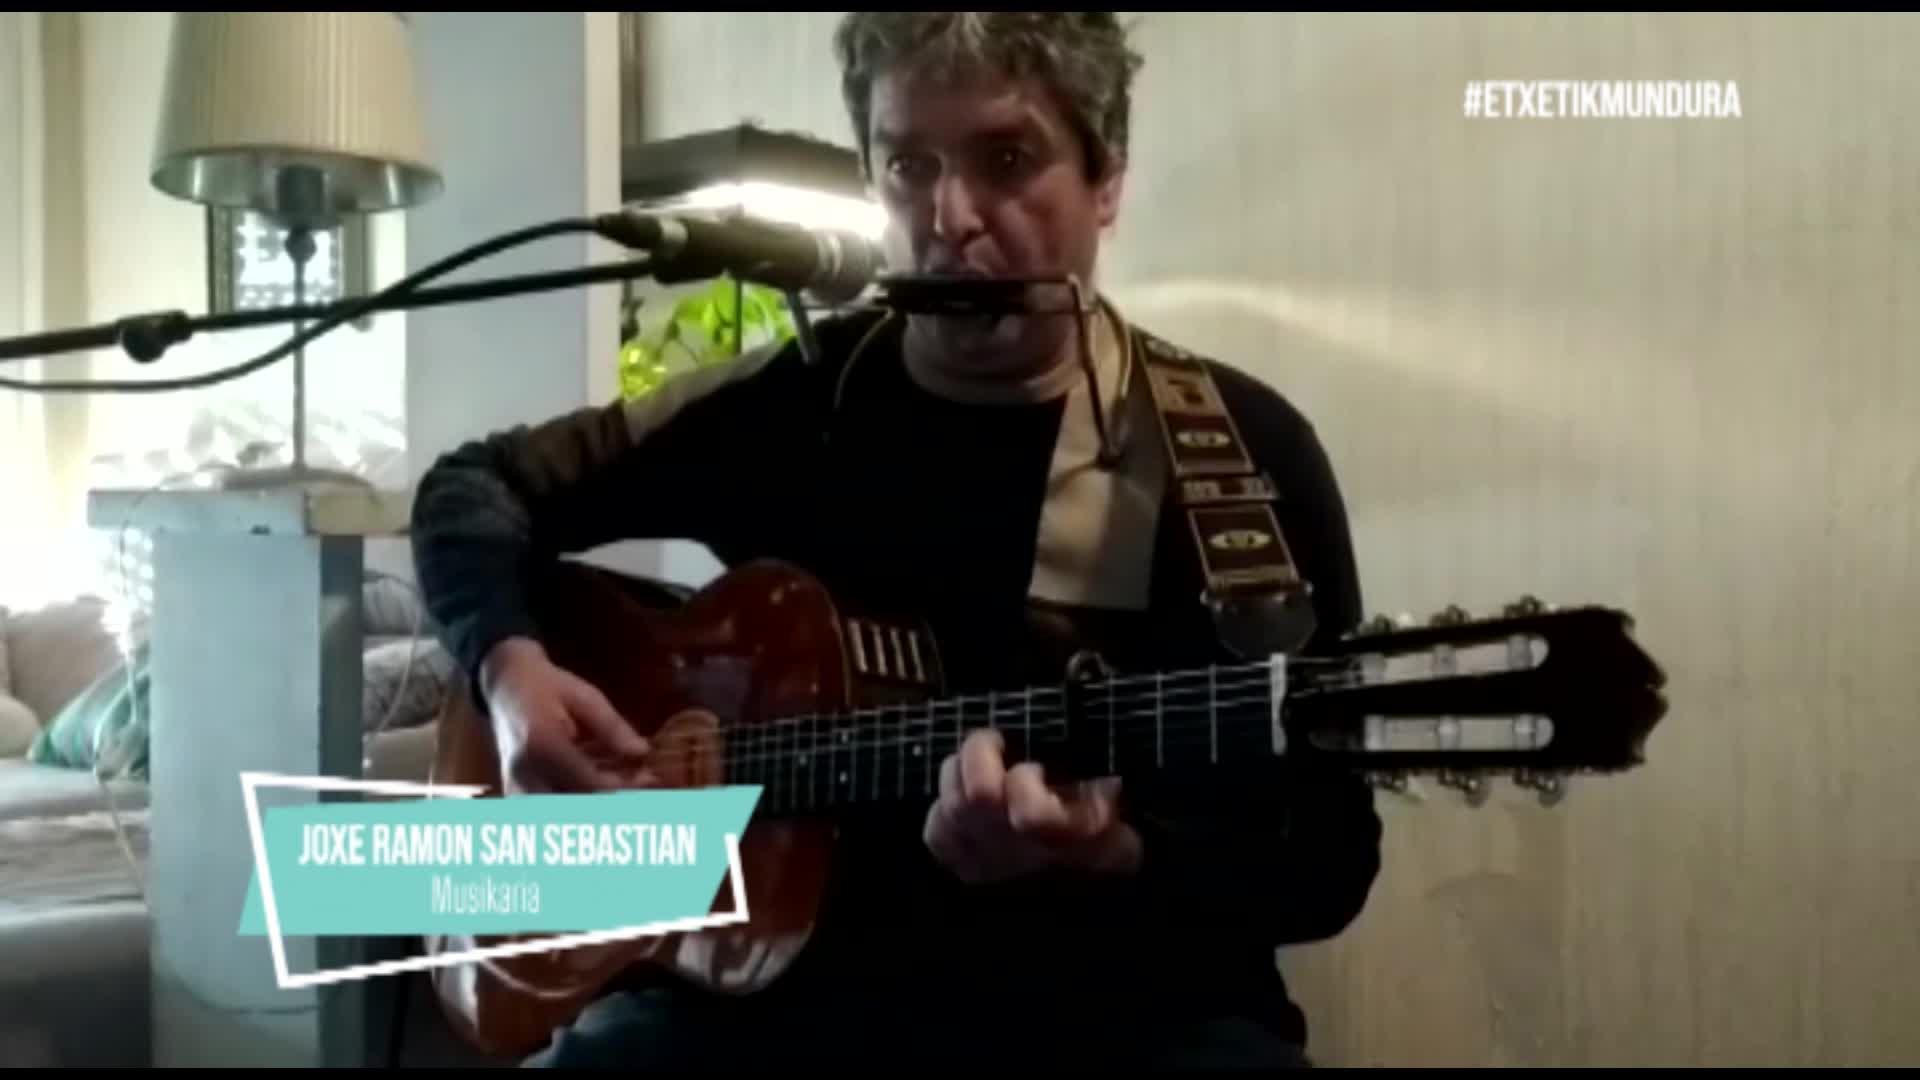 Joxe Ramon San Sebastianen musika, etxetik mundura